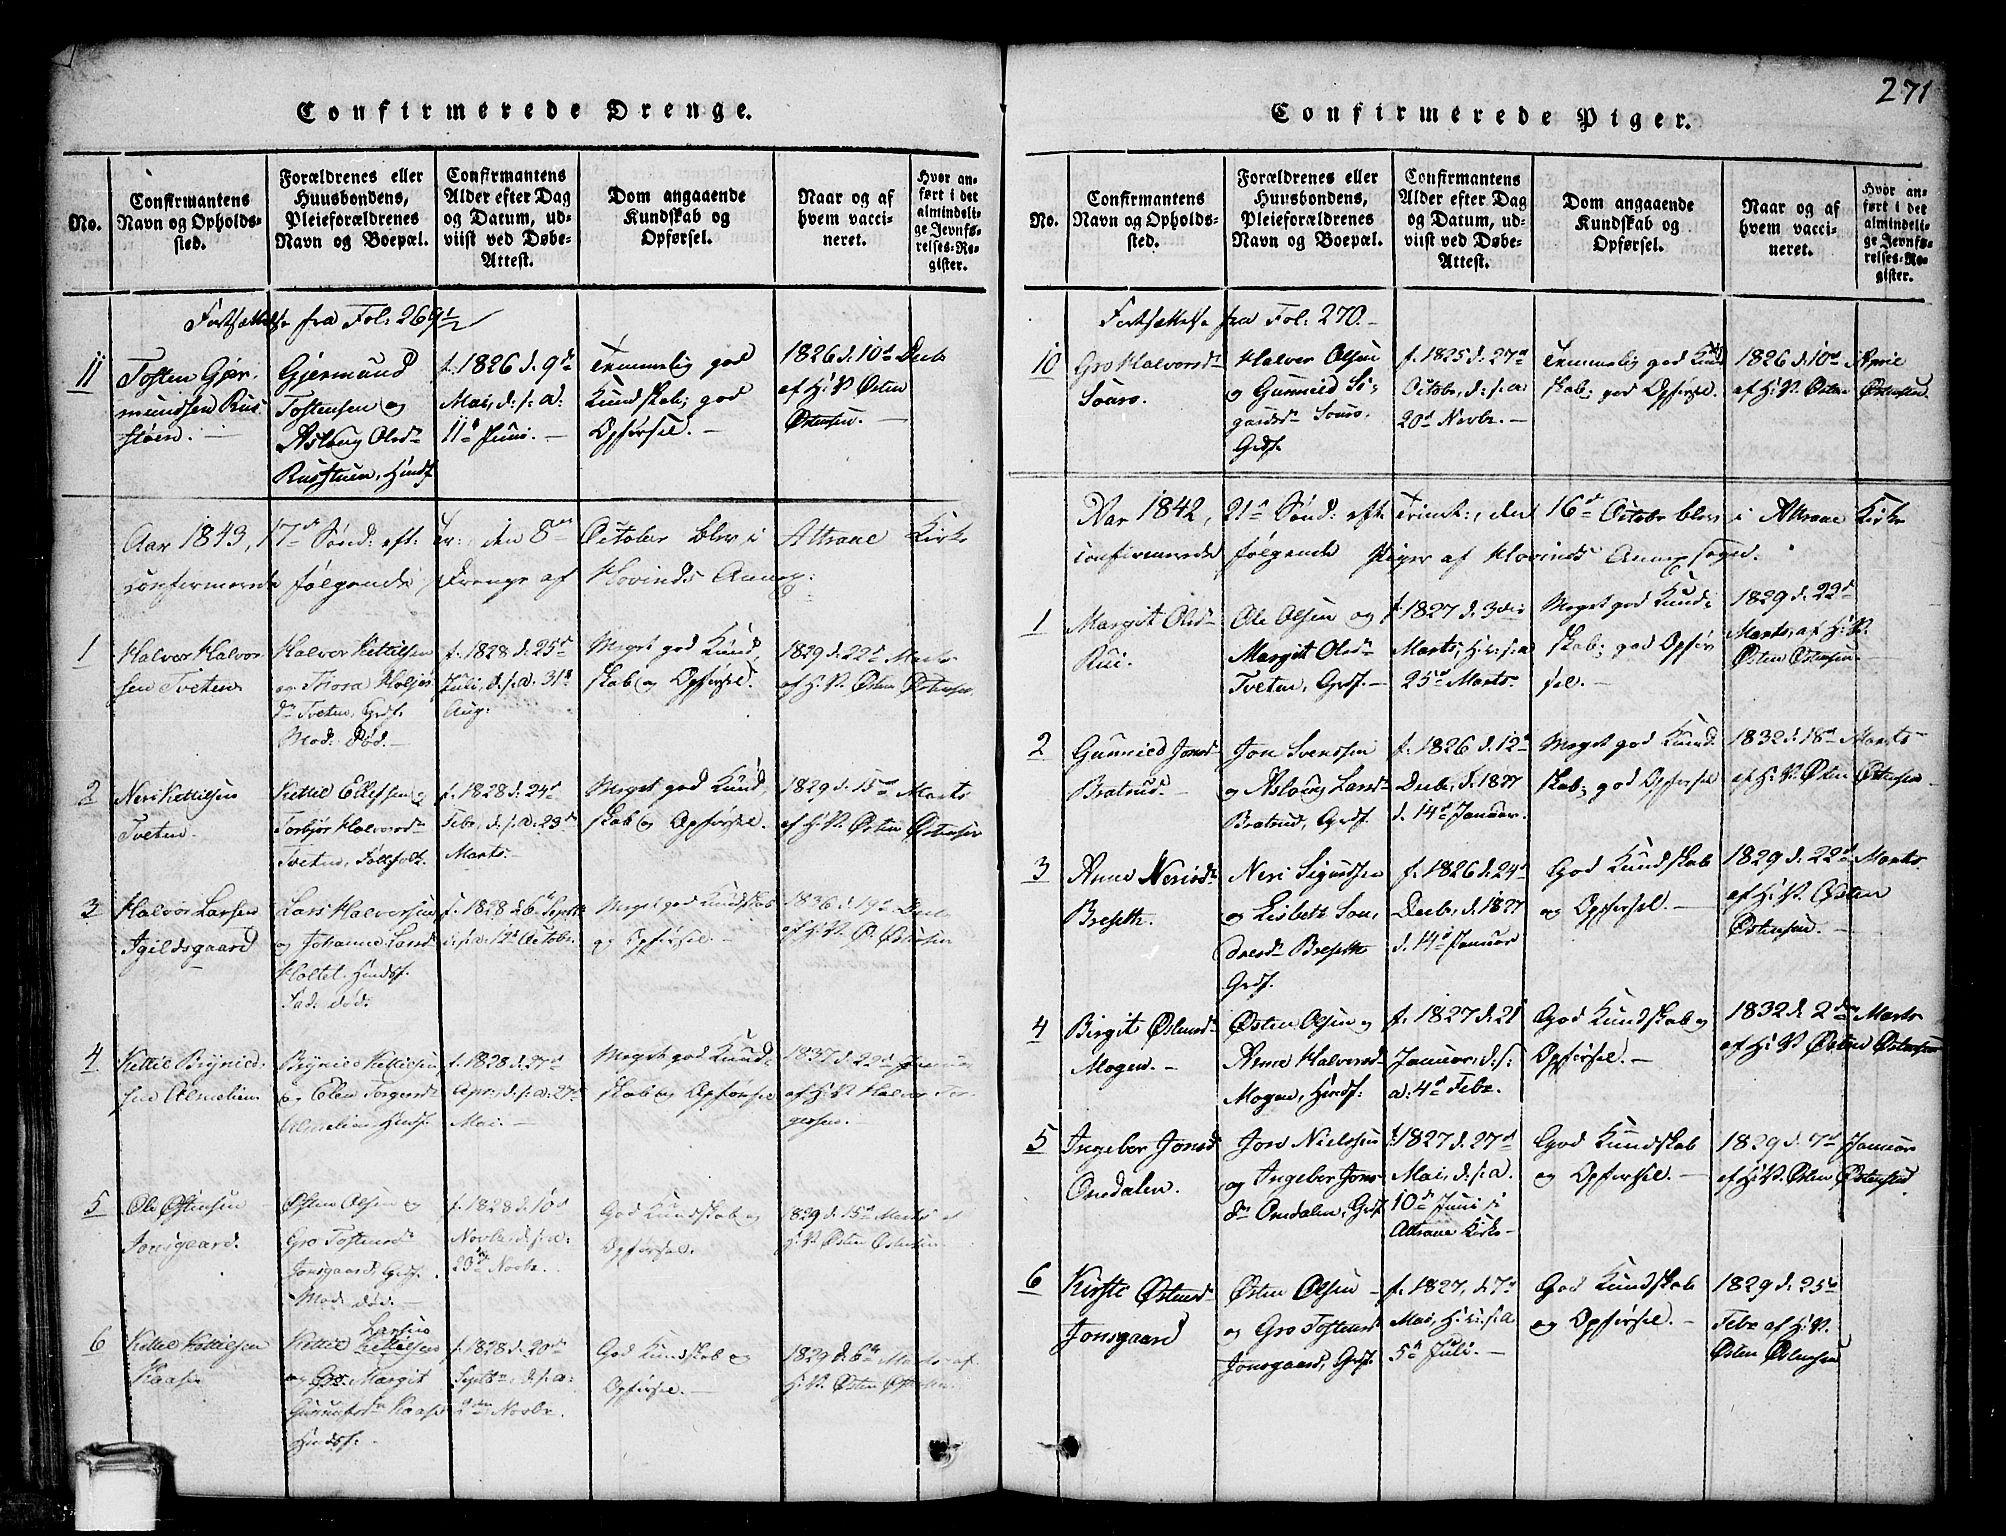 SAKO, Gransherad kirkebøker, G/Gb/L0001: Klokkerbok nr. II 1, 1815-1860, s. 271